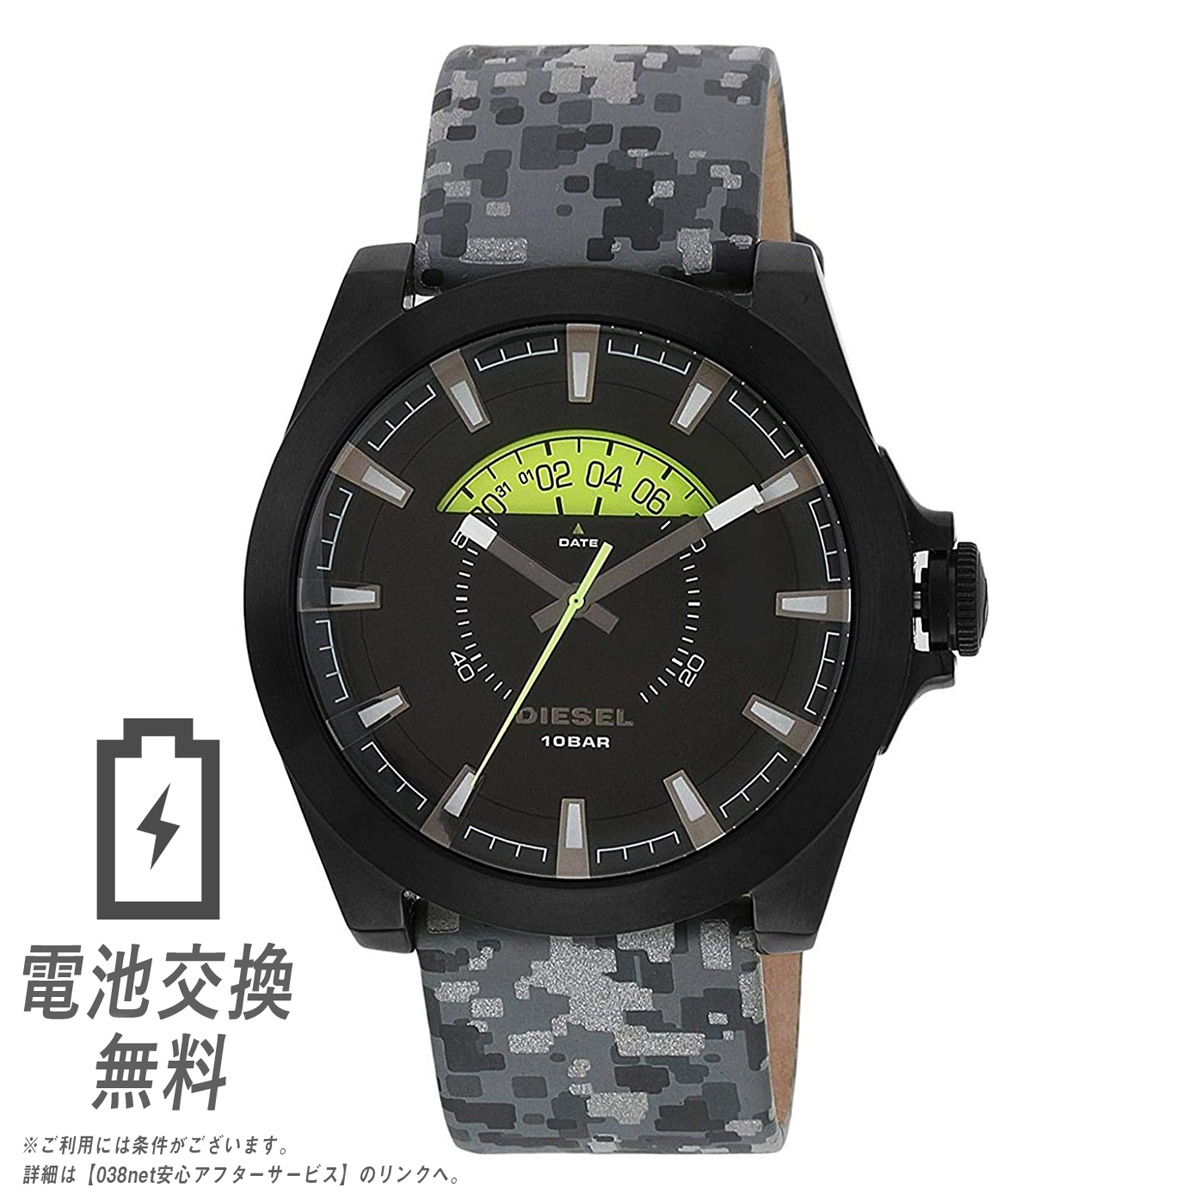 【ラッピング無料】ディーゼル 腕時計 メンズ アージェス ブラック ライム アナログ カレンダー DIESEL Arges DZ1658 男性用 時計 黒色 迷彩 デジタル カモフラージュ